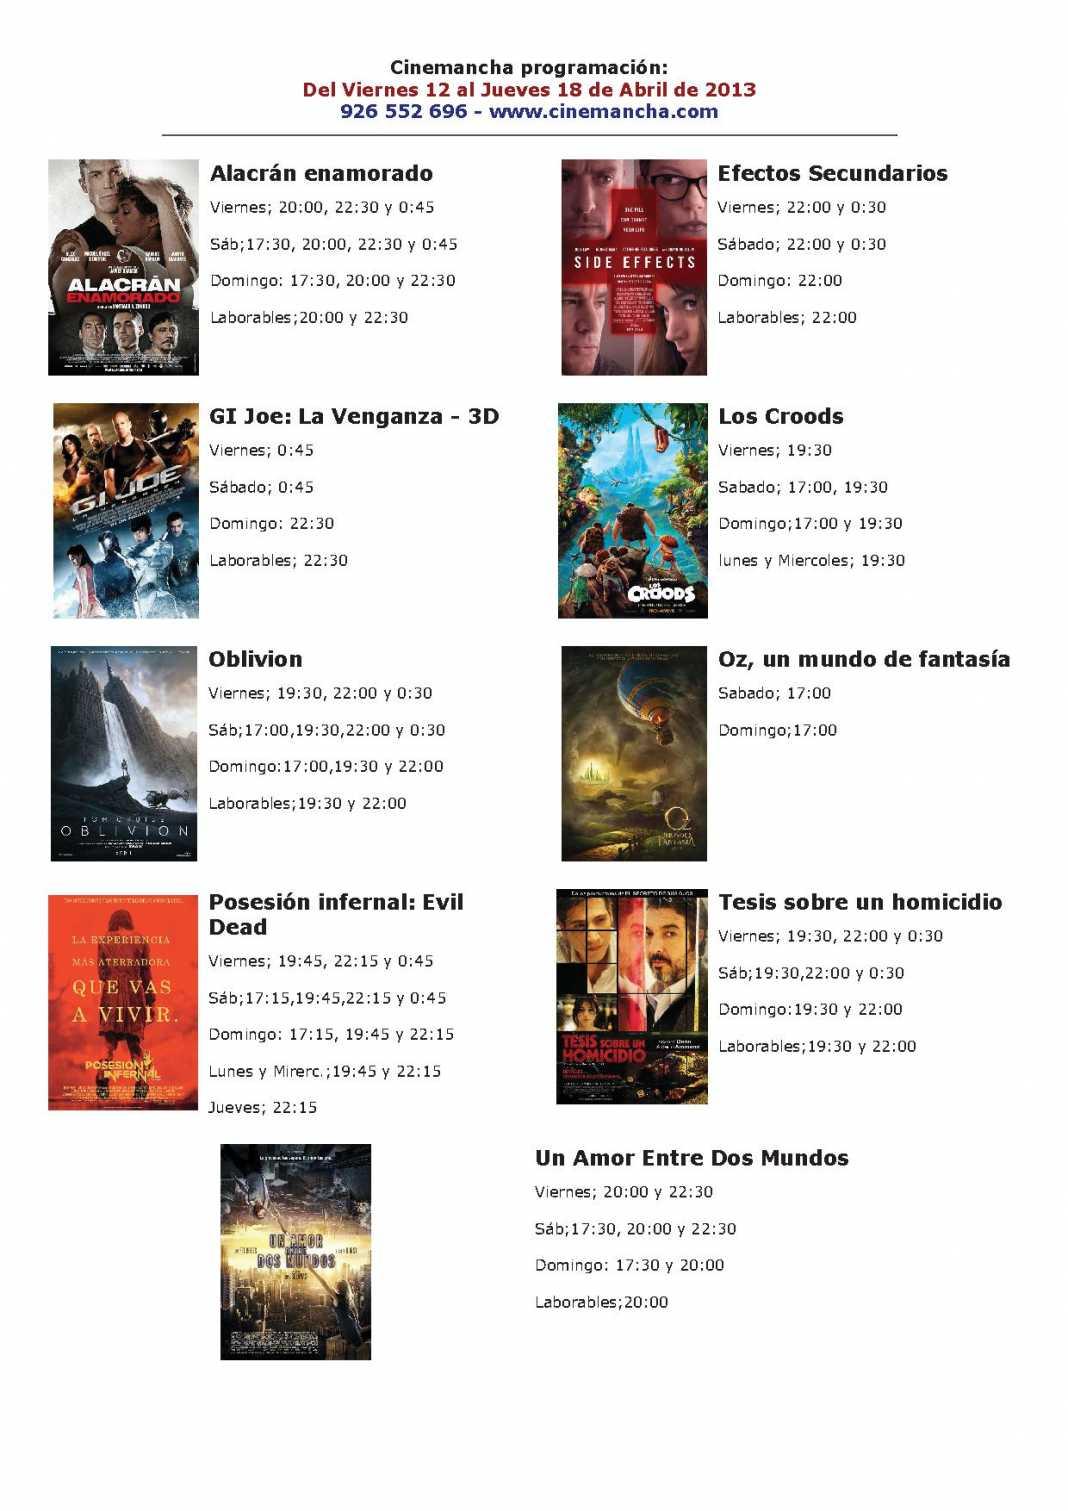 cartelera decinemancha del 12 al 18 de abril 1068x1511 - Programación Cinemancha del 12 al 18 de abril.